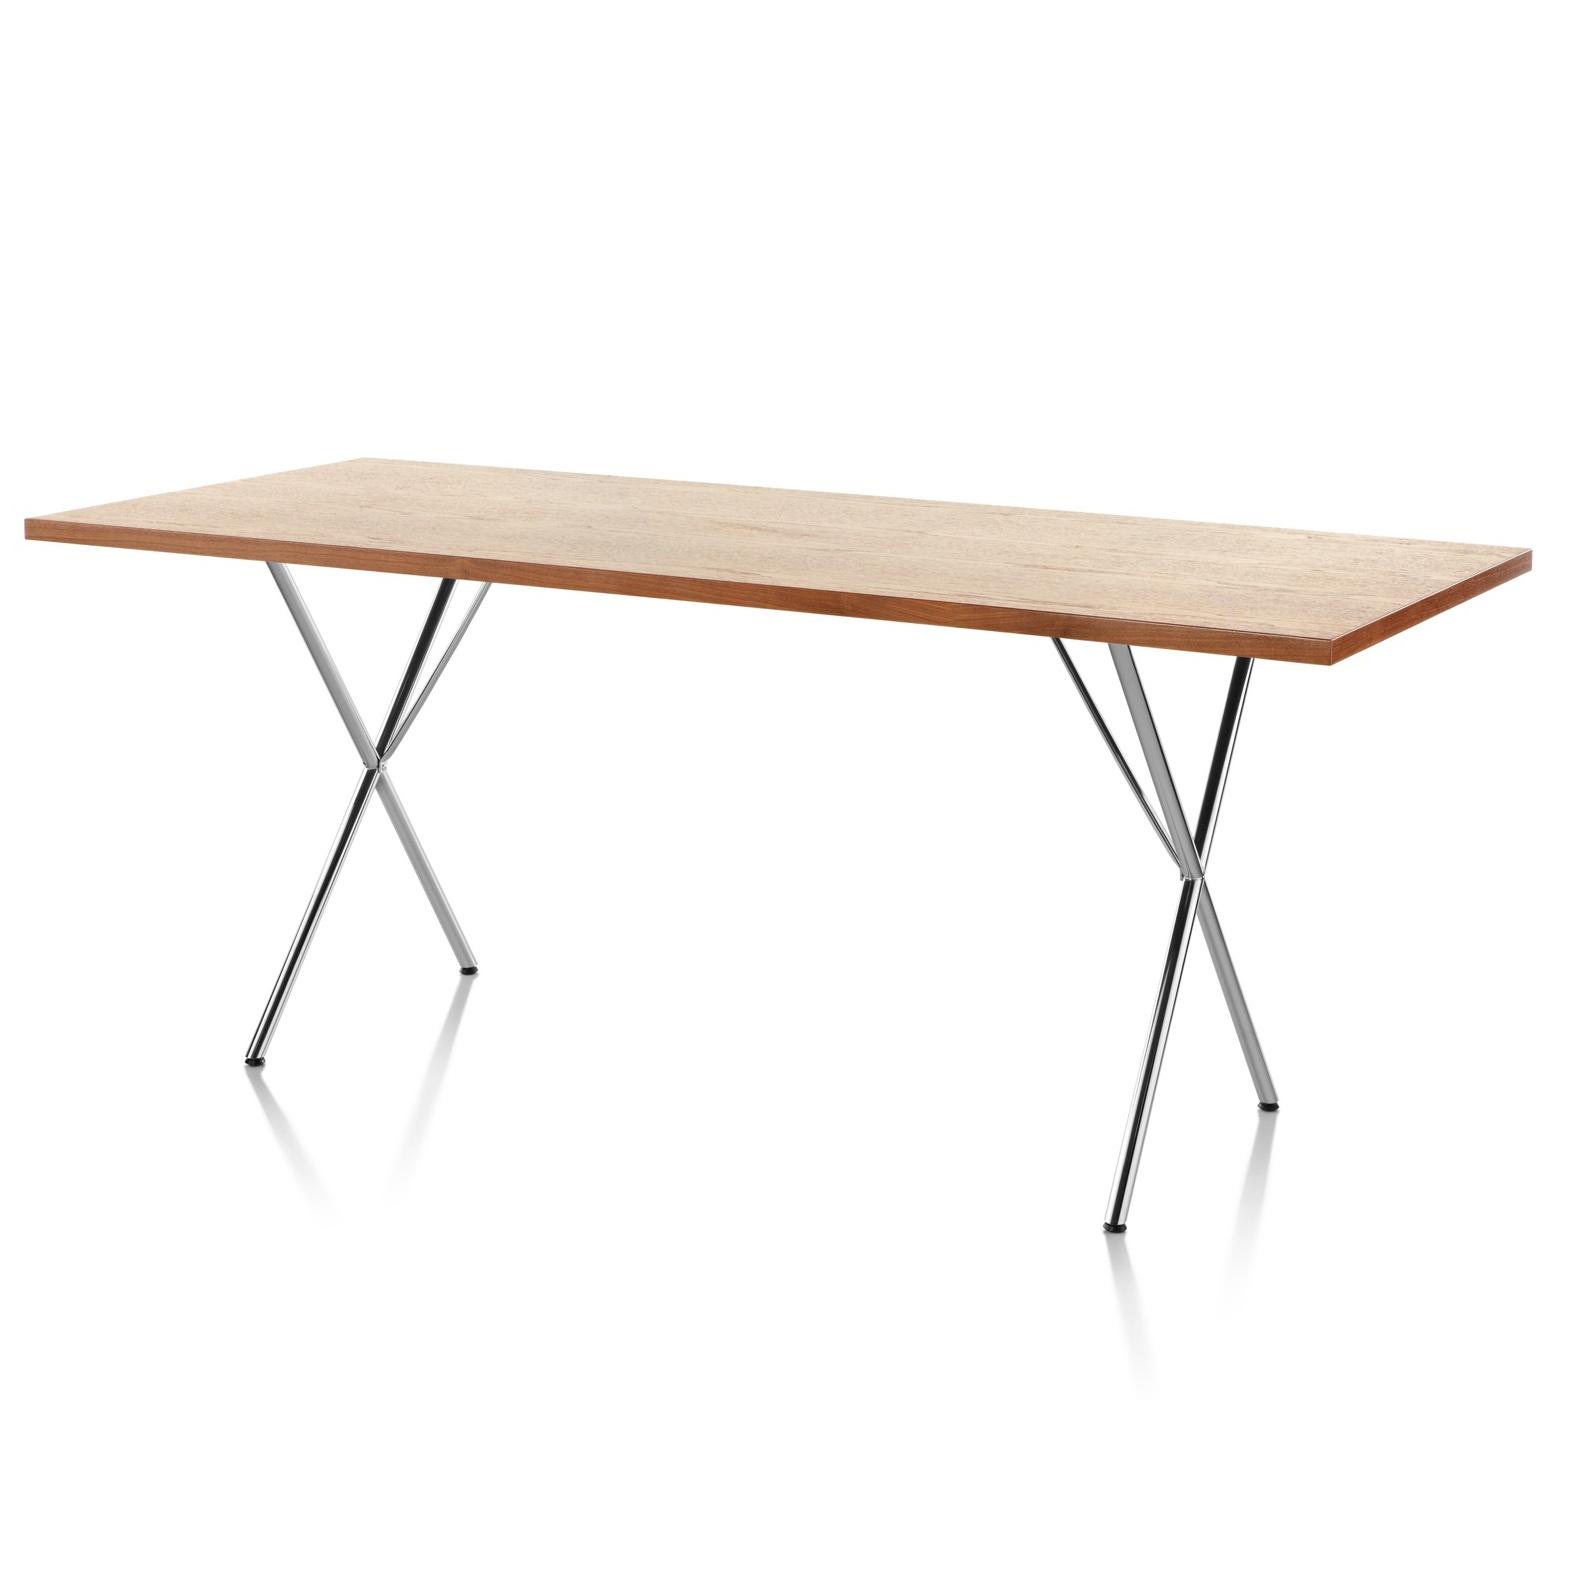 【ハーマンミラー正規品】 ネルソンX-レッグテーブル Nelson X Leg Table